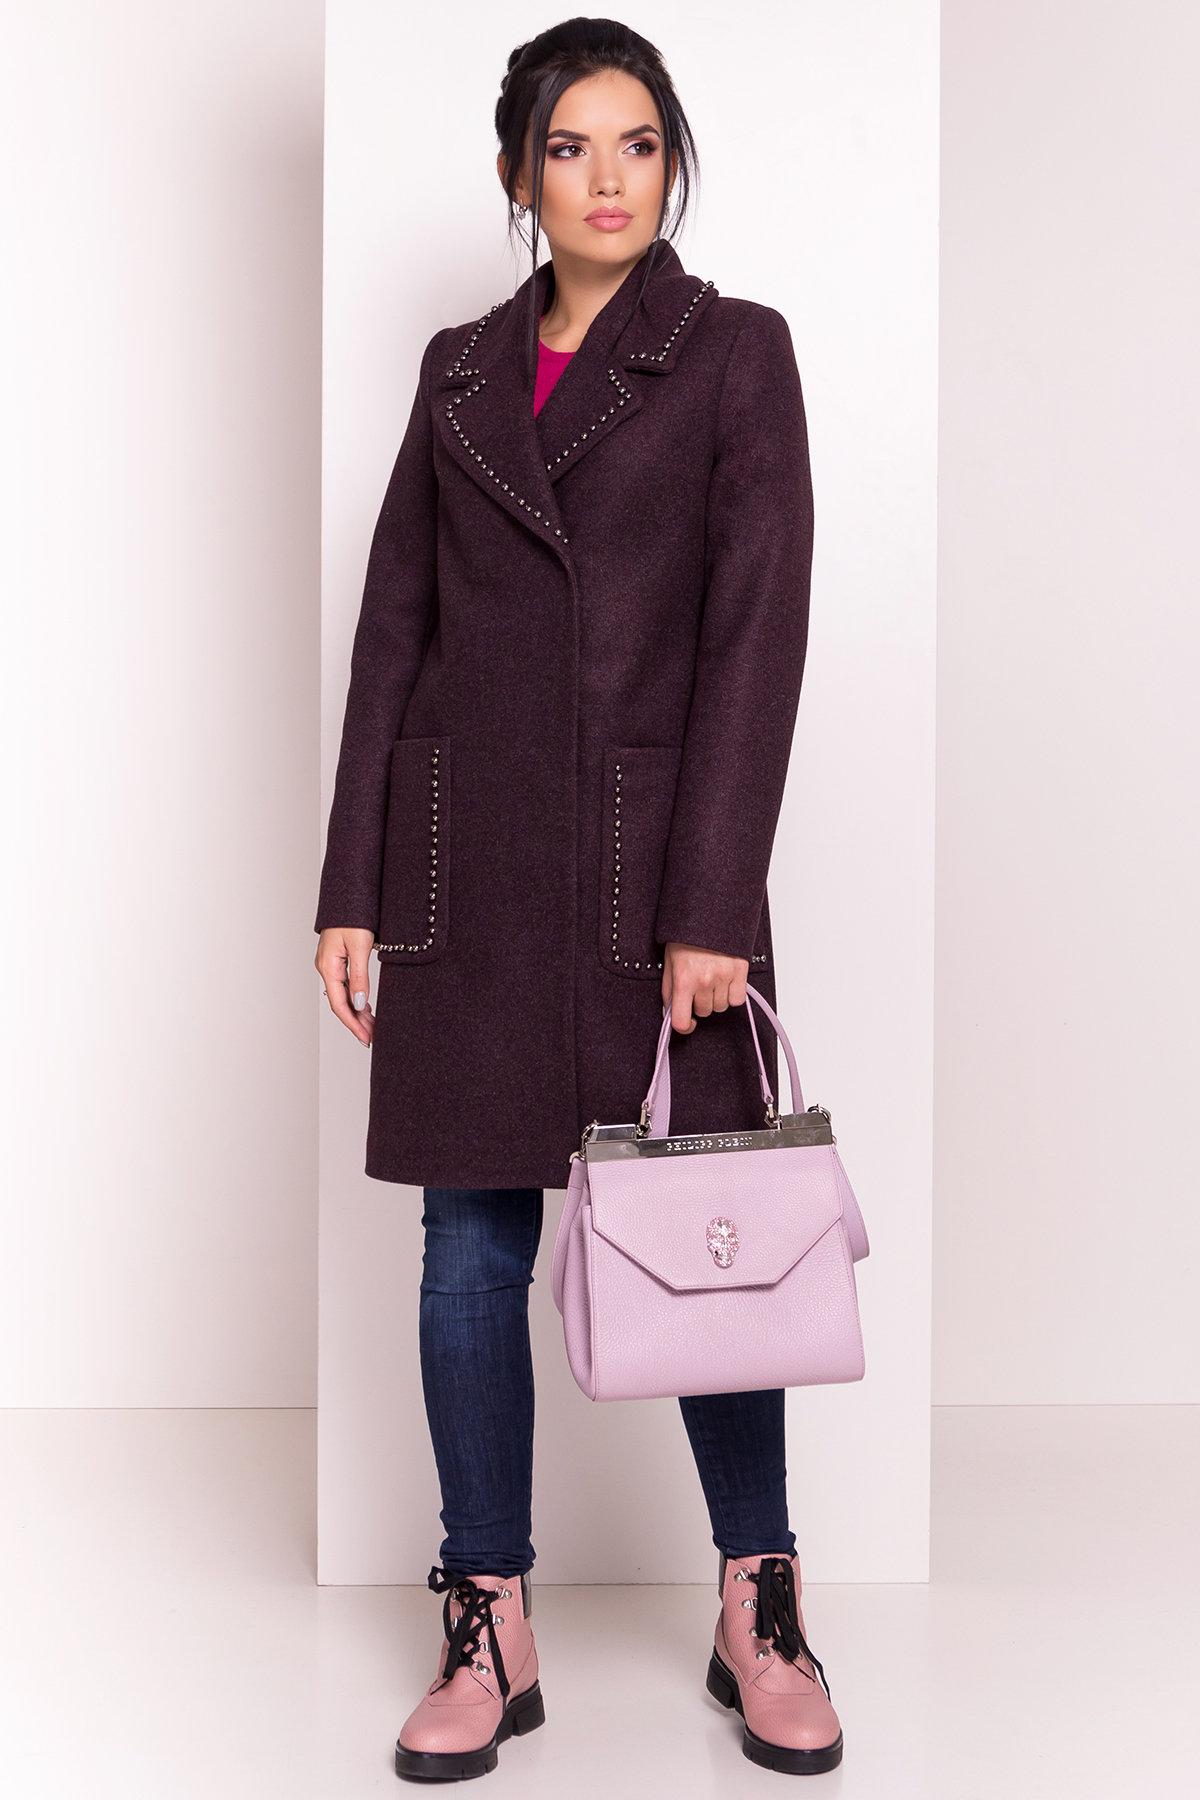 Пальто Кейси 5504 АРТ. 37028 Цвет: Марсала - фото 2, интернет магазин tm-modus.ru